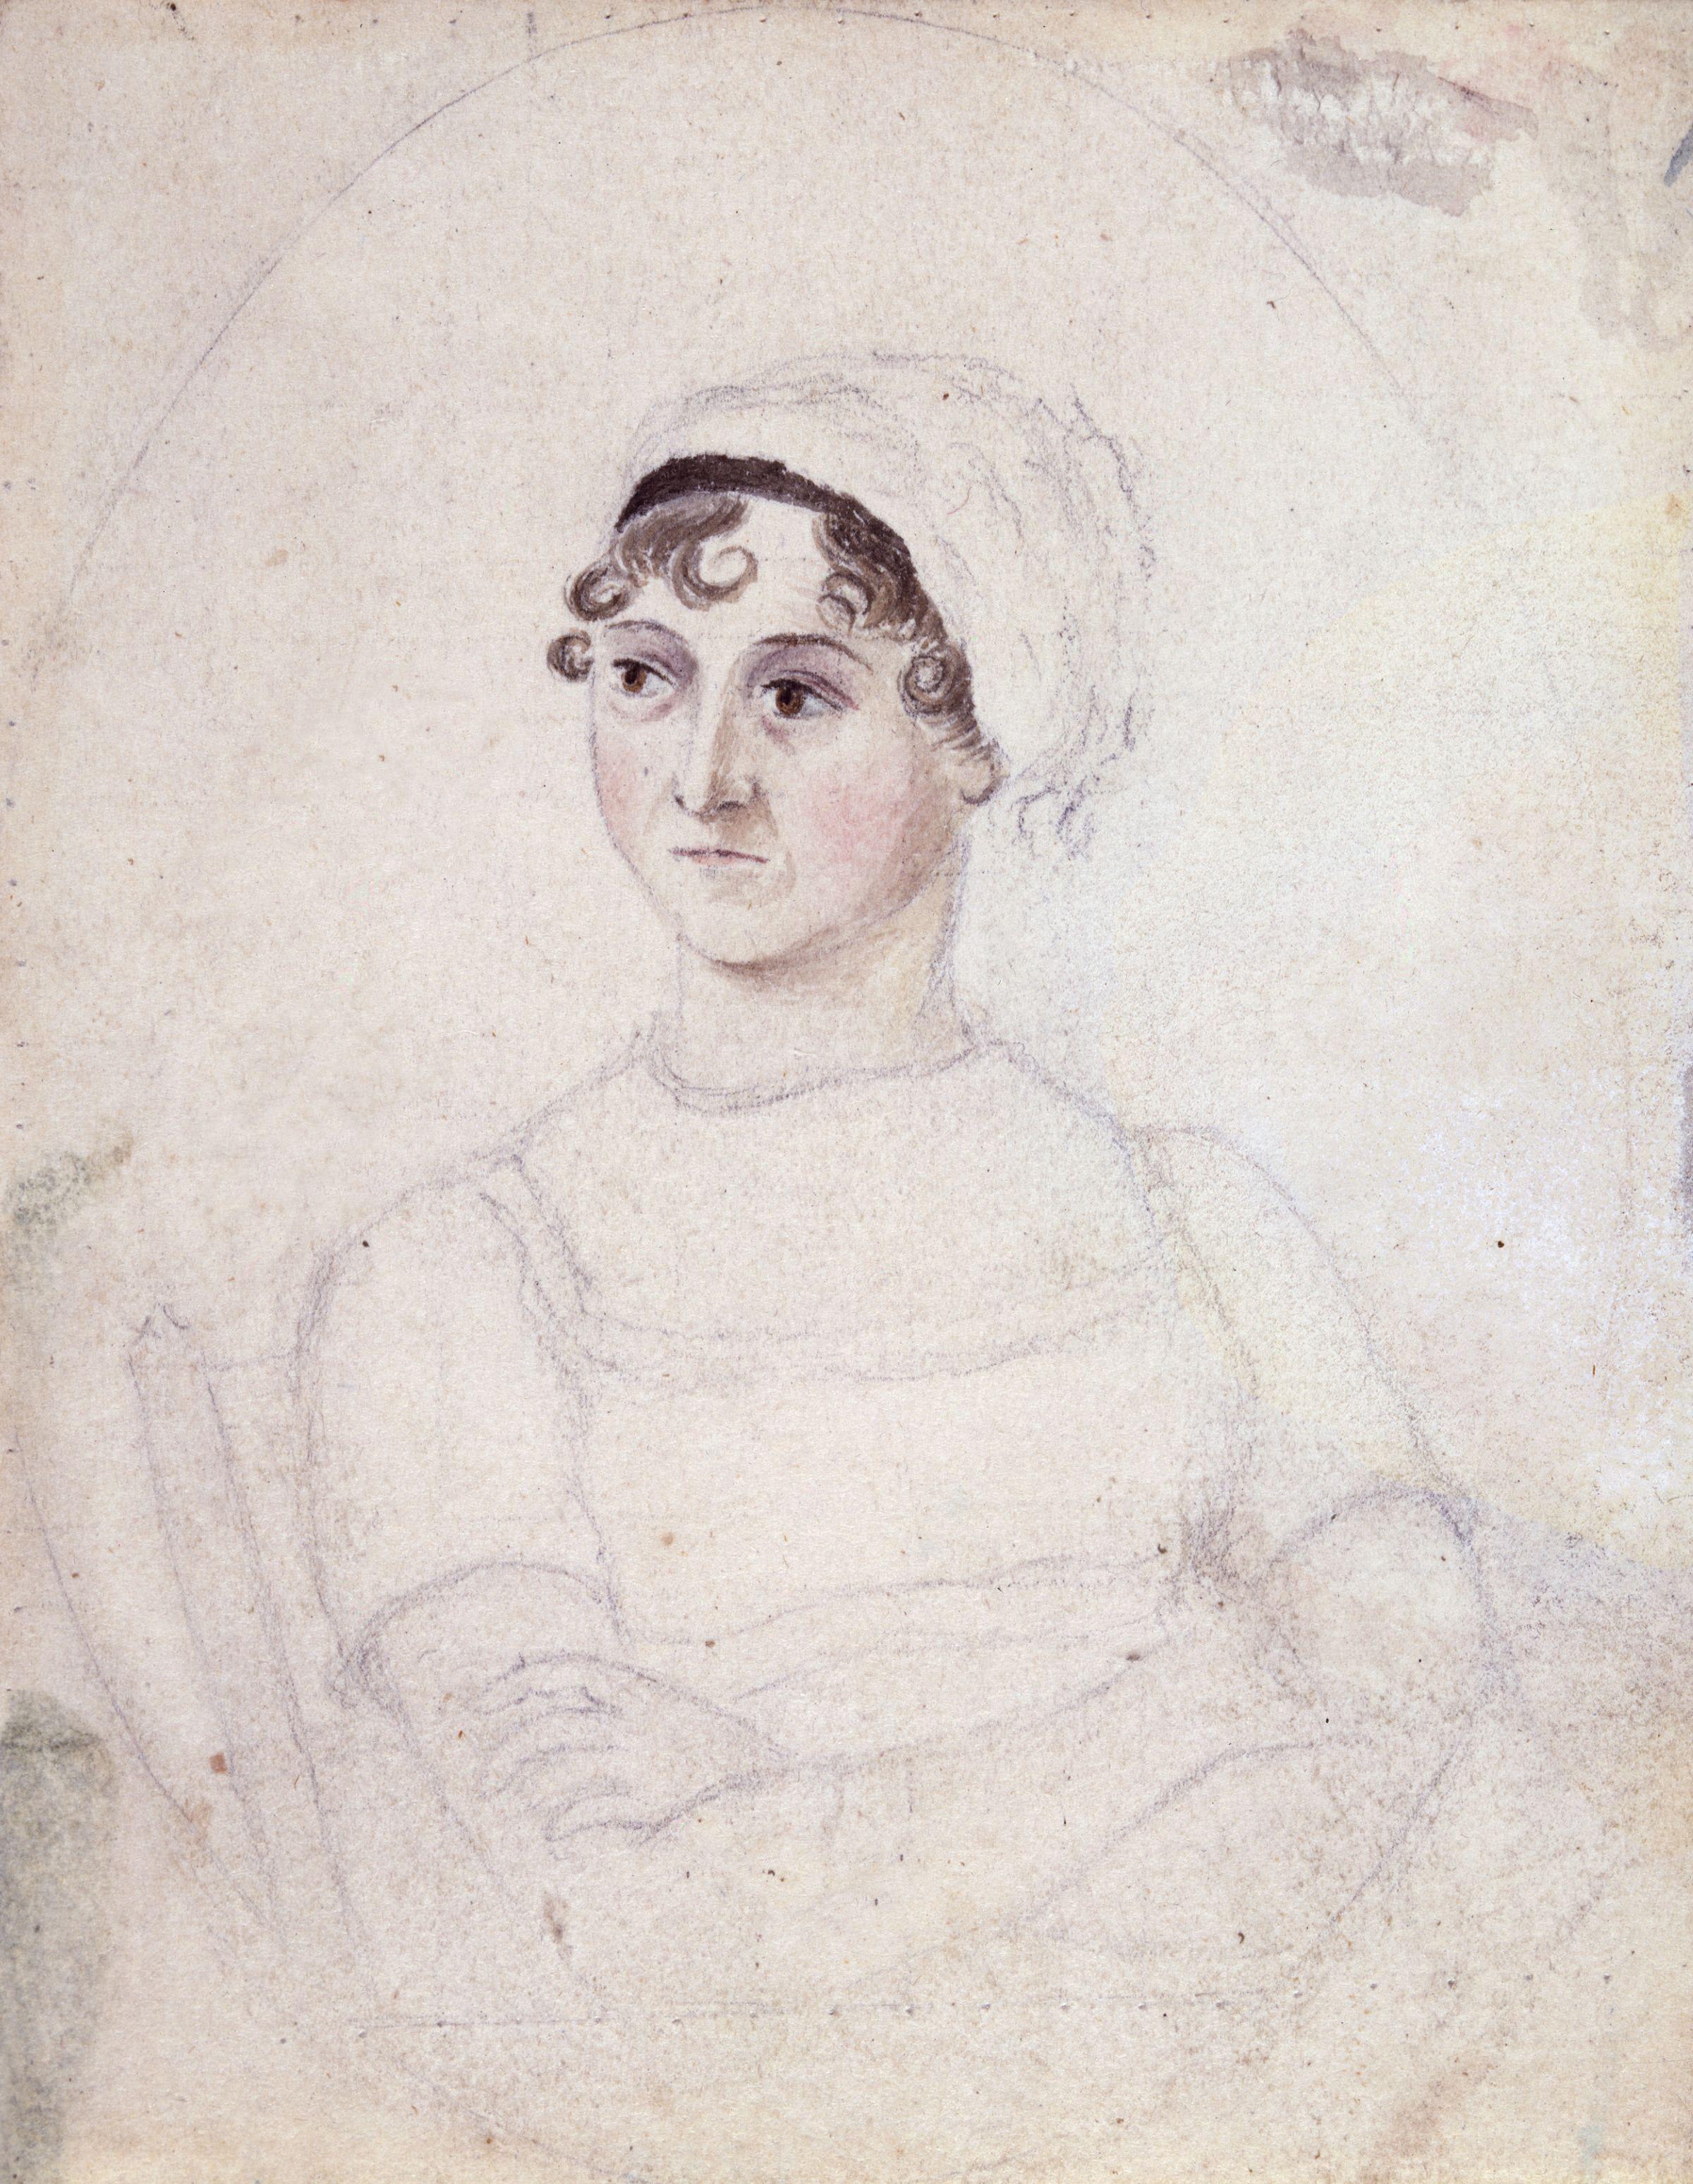 Jane Austen by Cassandra Austen (c.1810)